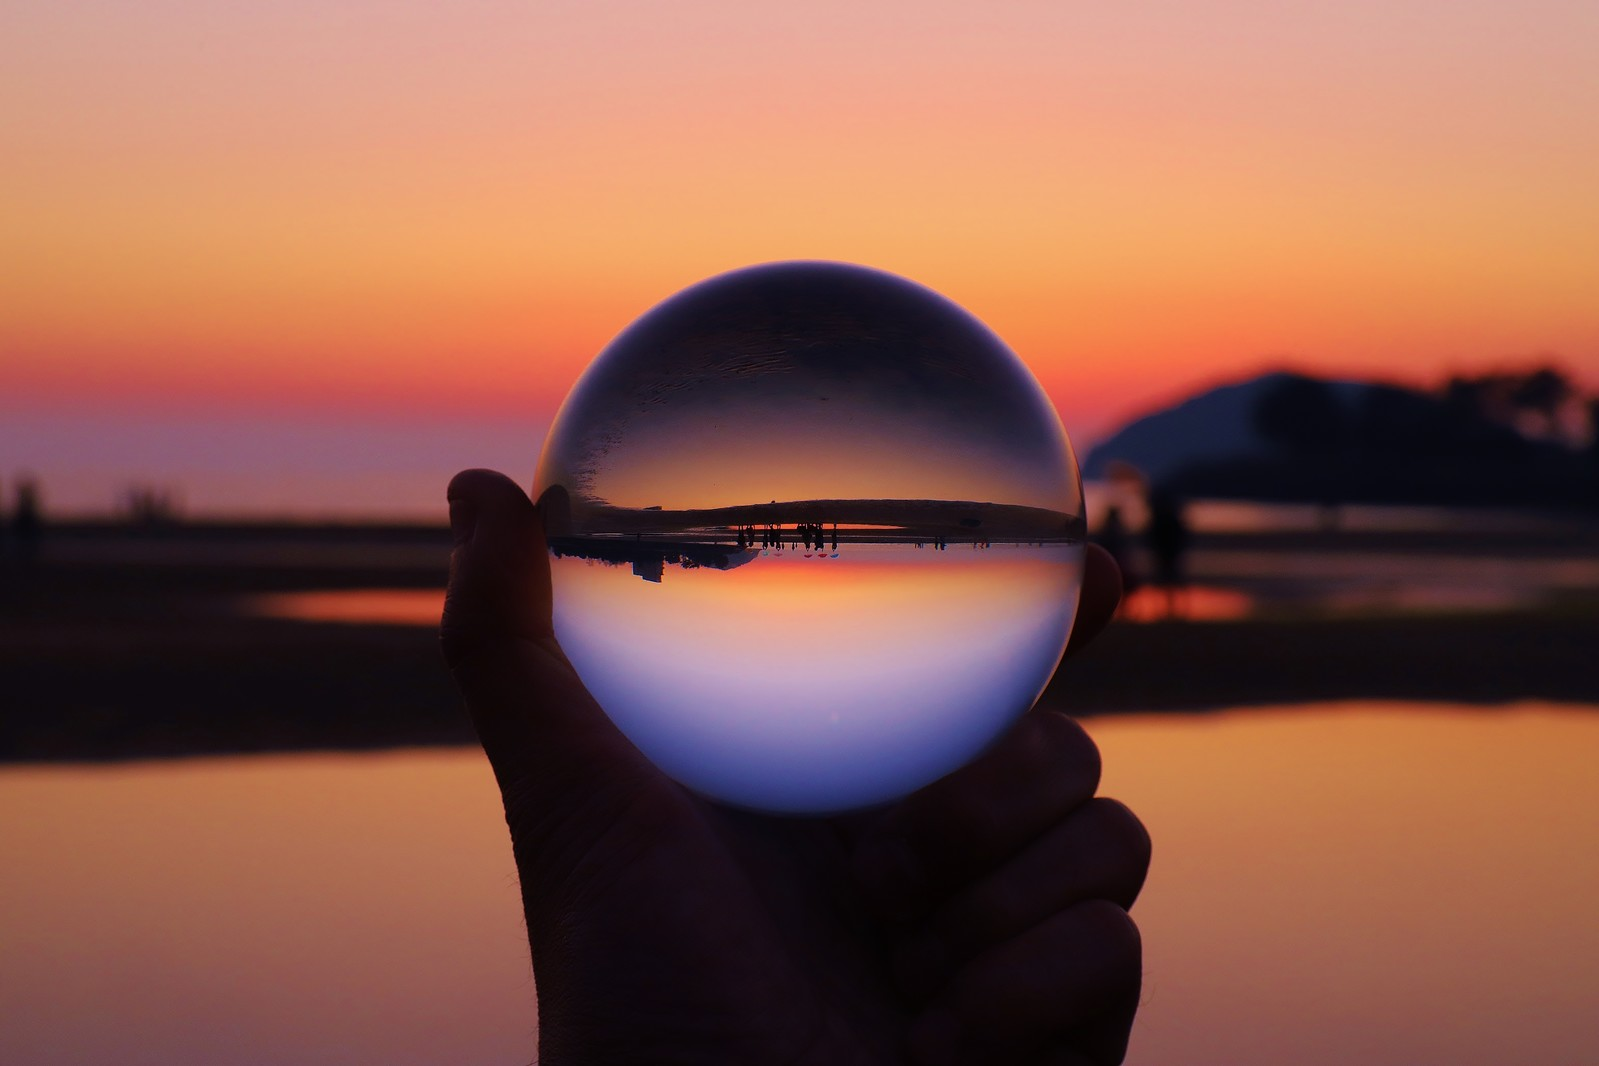 「水晶球の中で反転する日没の夕暮れ」